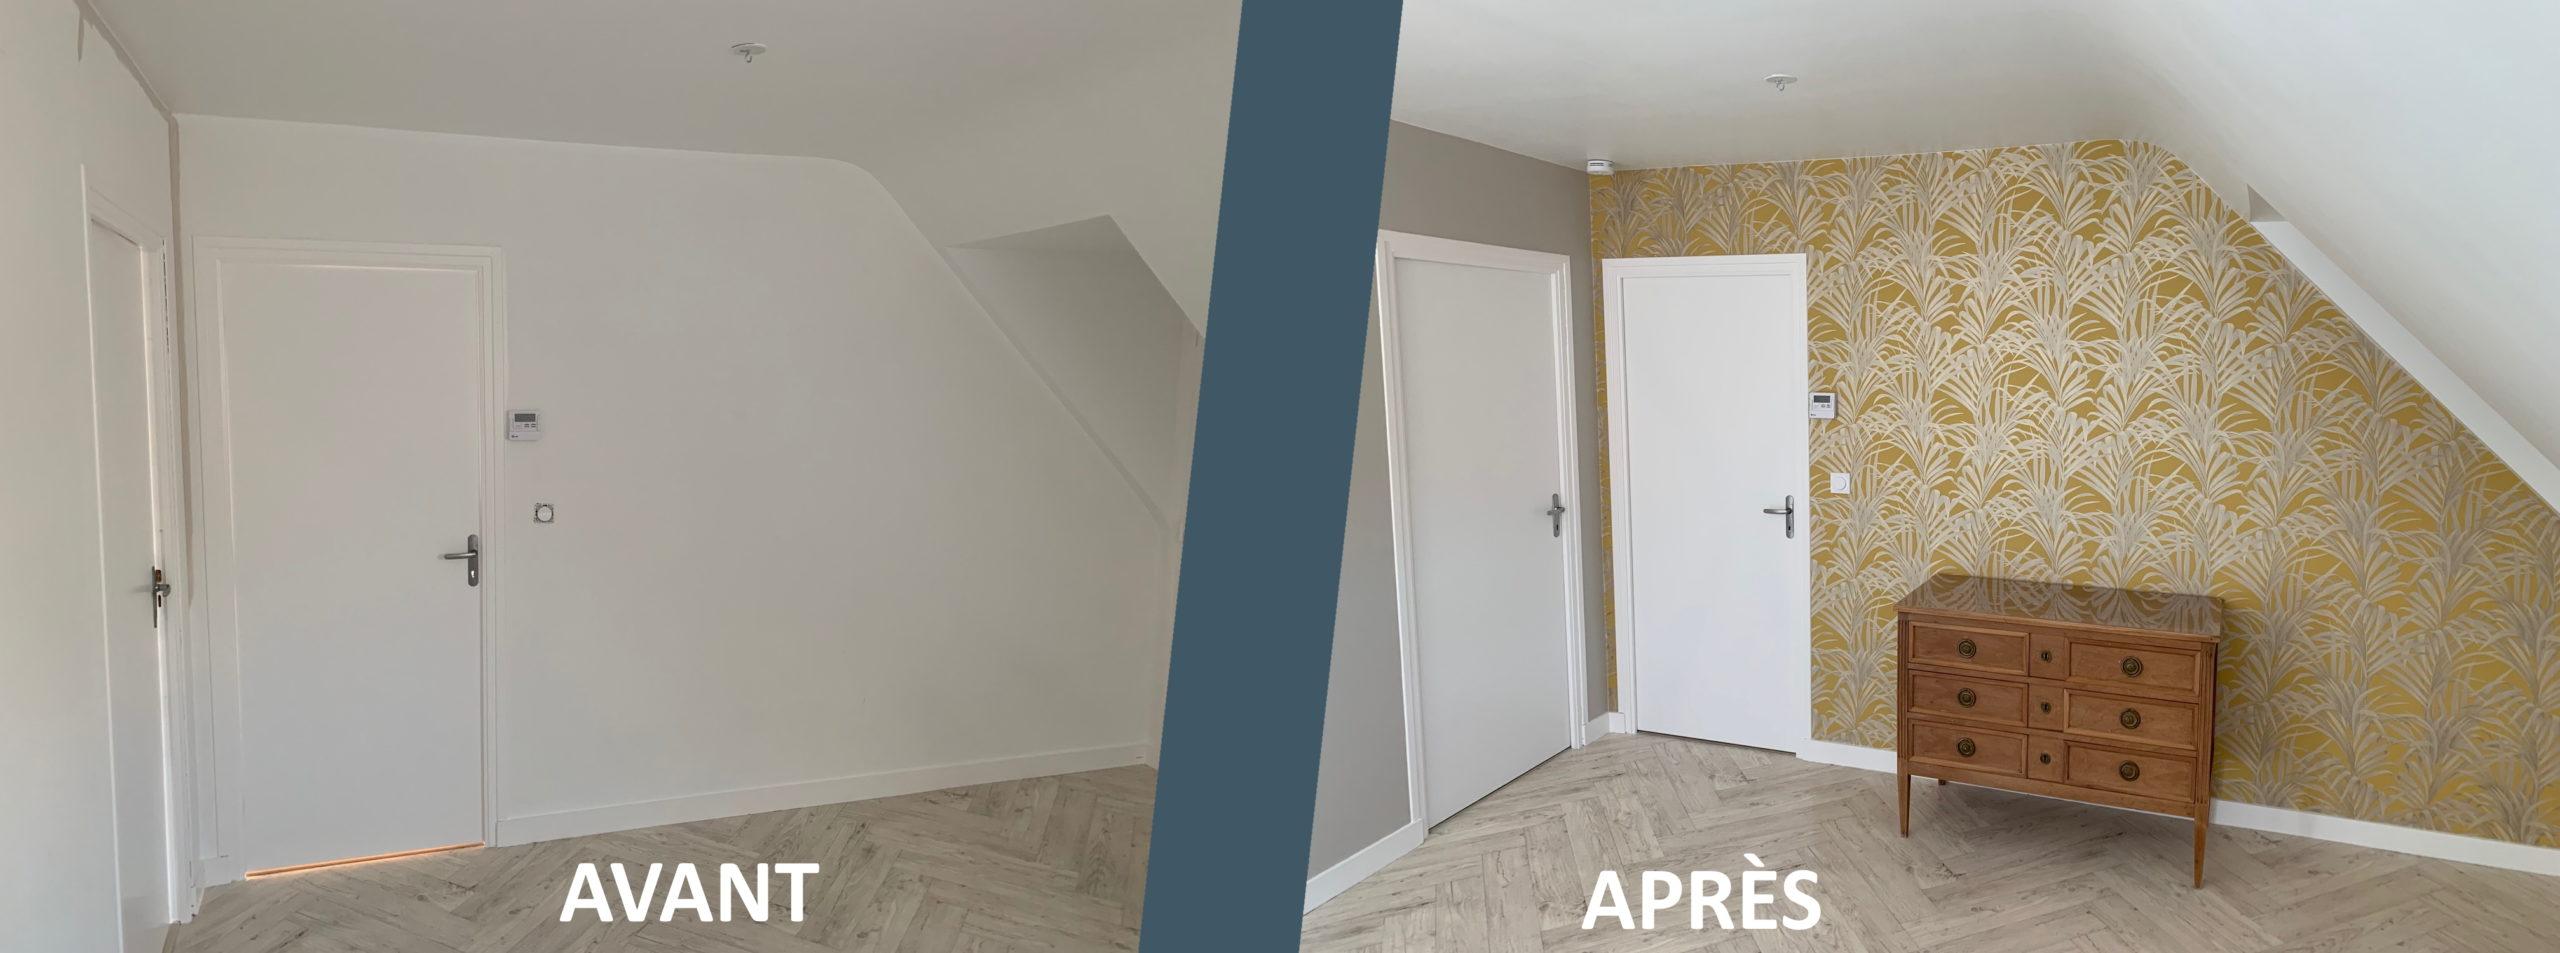 Avant/après rénovation intérieure